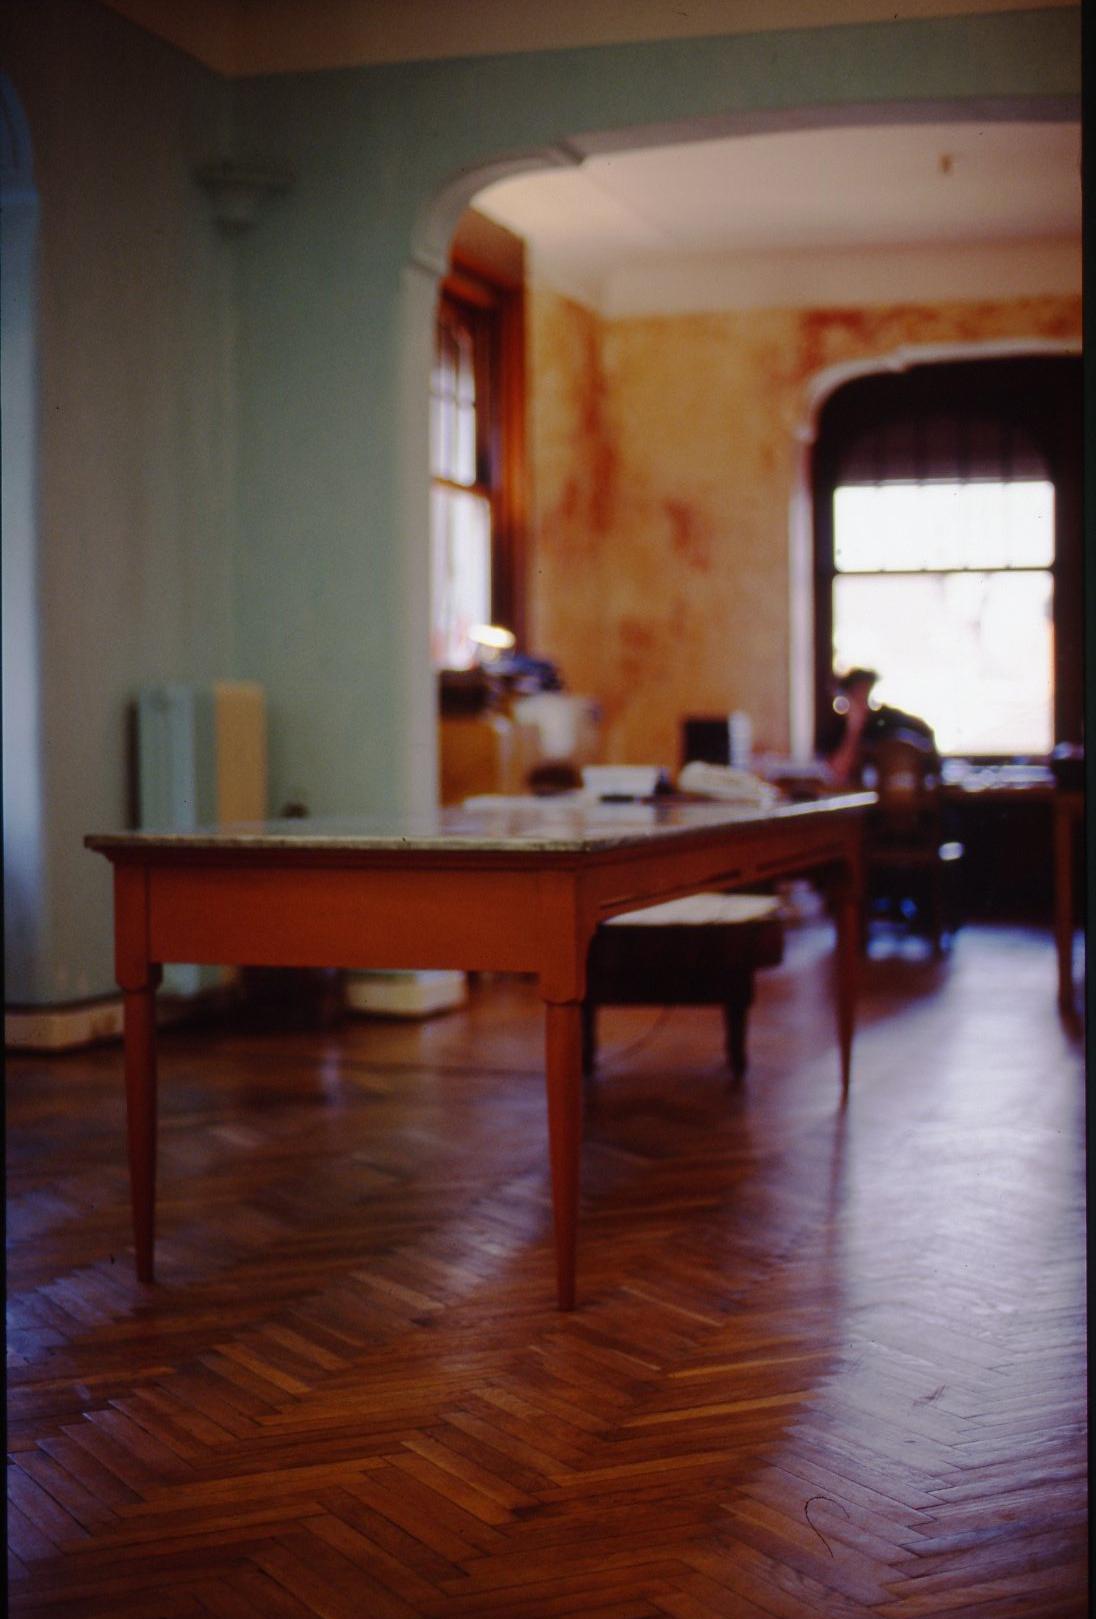 shaker tables_antoine vandewoude_02.jpg